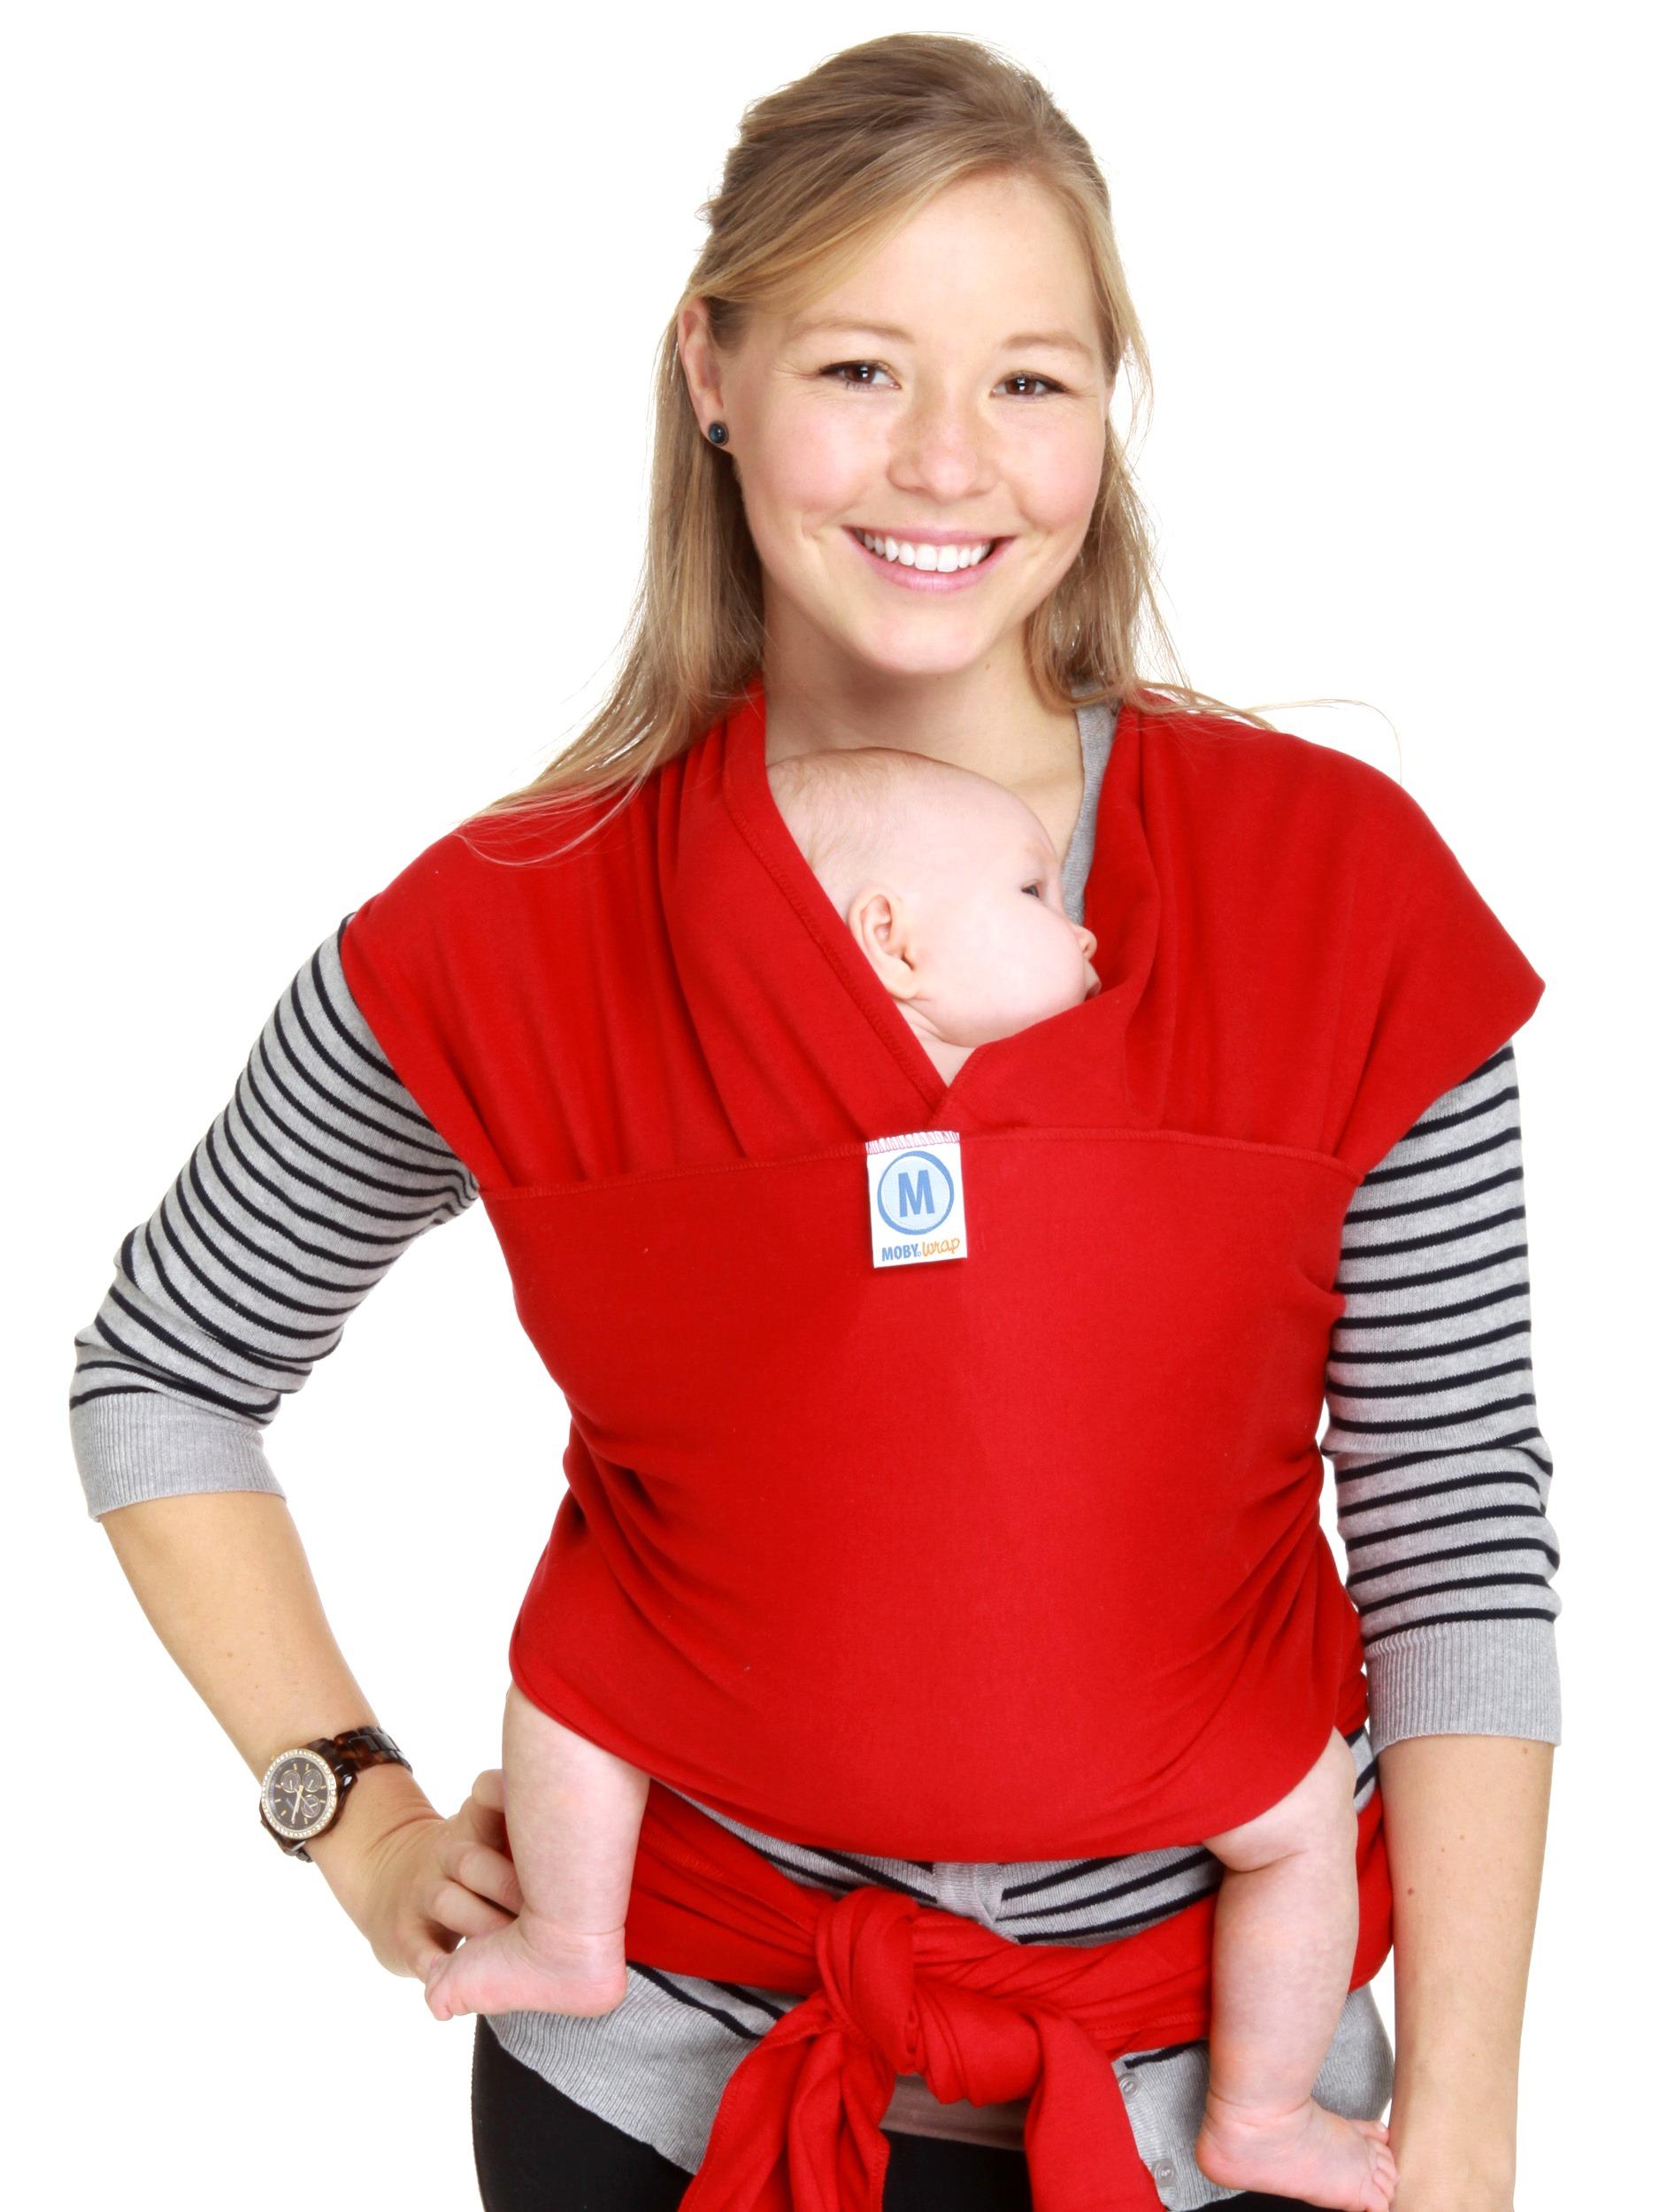 Moby Wrap elastický šátek original červený